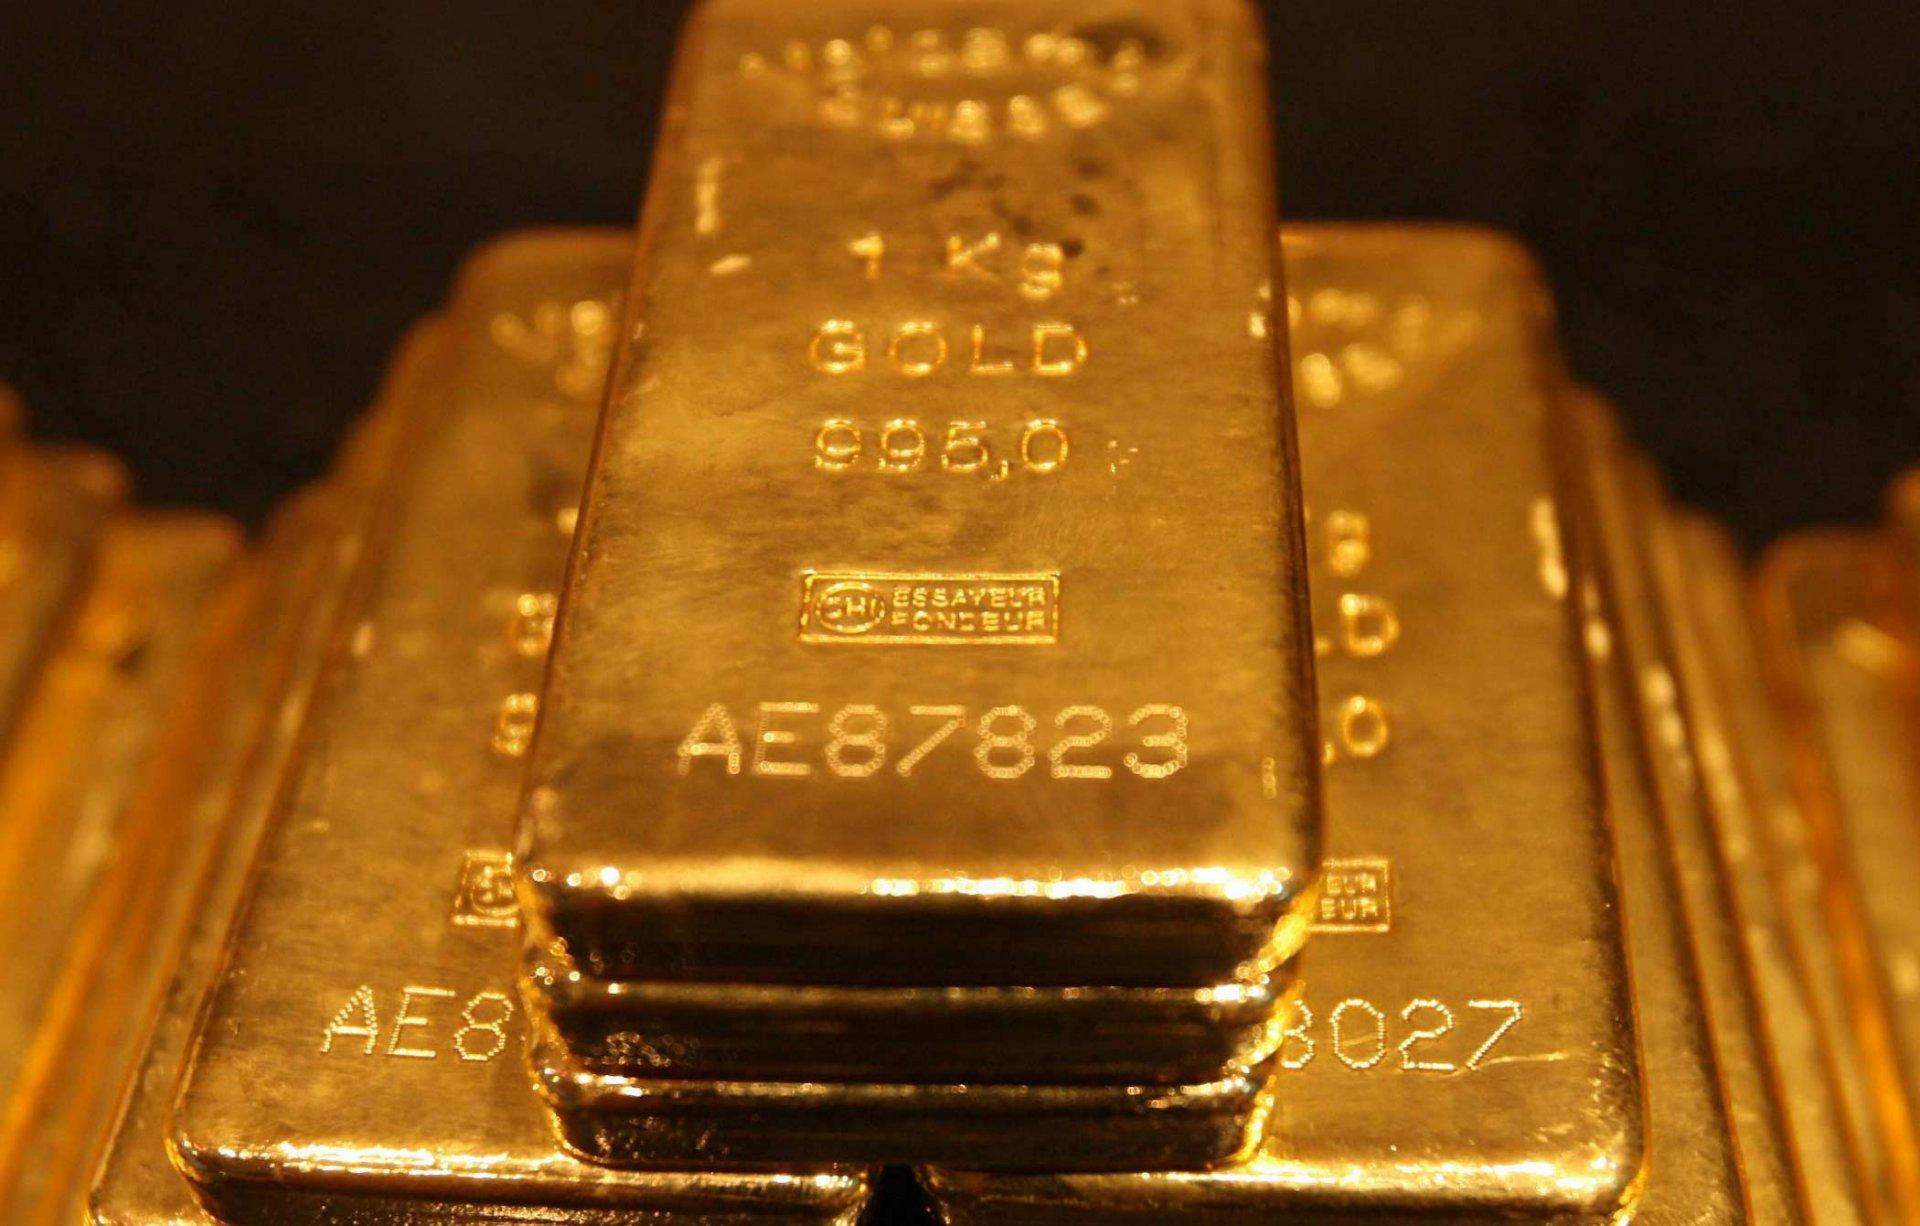 Θα πληρώσει … χρυσό φόρο για τις ράβδους χρυσού που έφερε από την Ελβετία ως «οικογενειακή περιουσία»